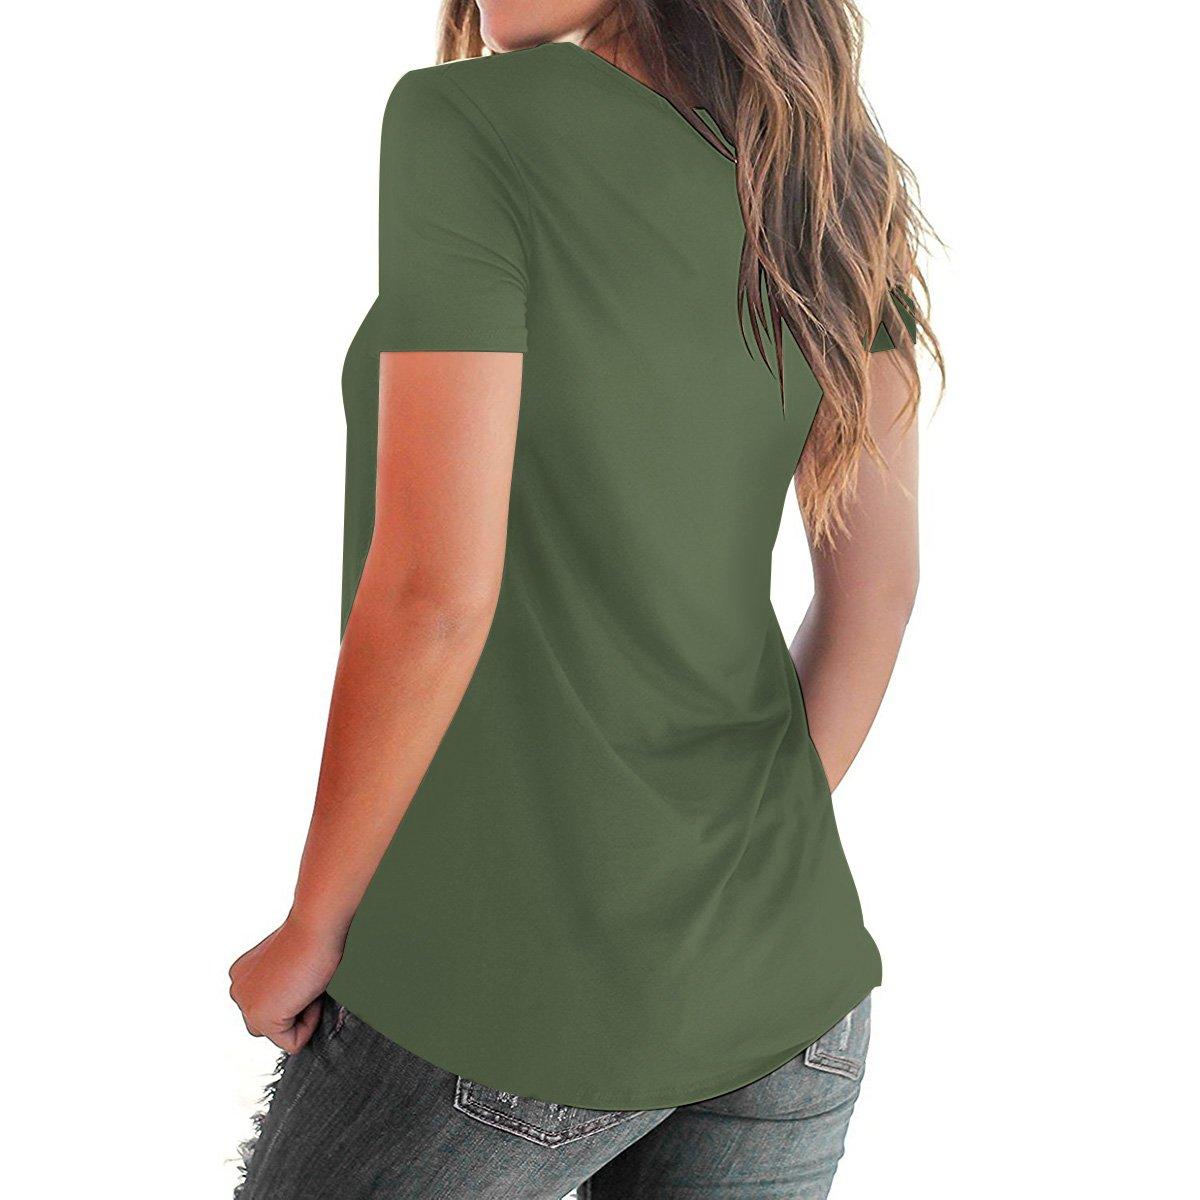 Eanklosco Womens Summer Short Sleeve Cold Shoulder Tops V Neck Basic T Shirts (Green-Cross, S)